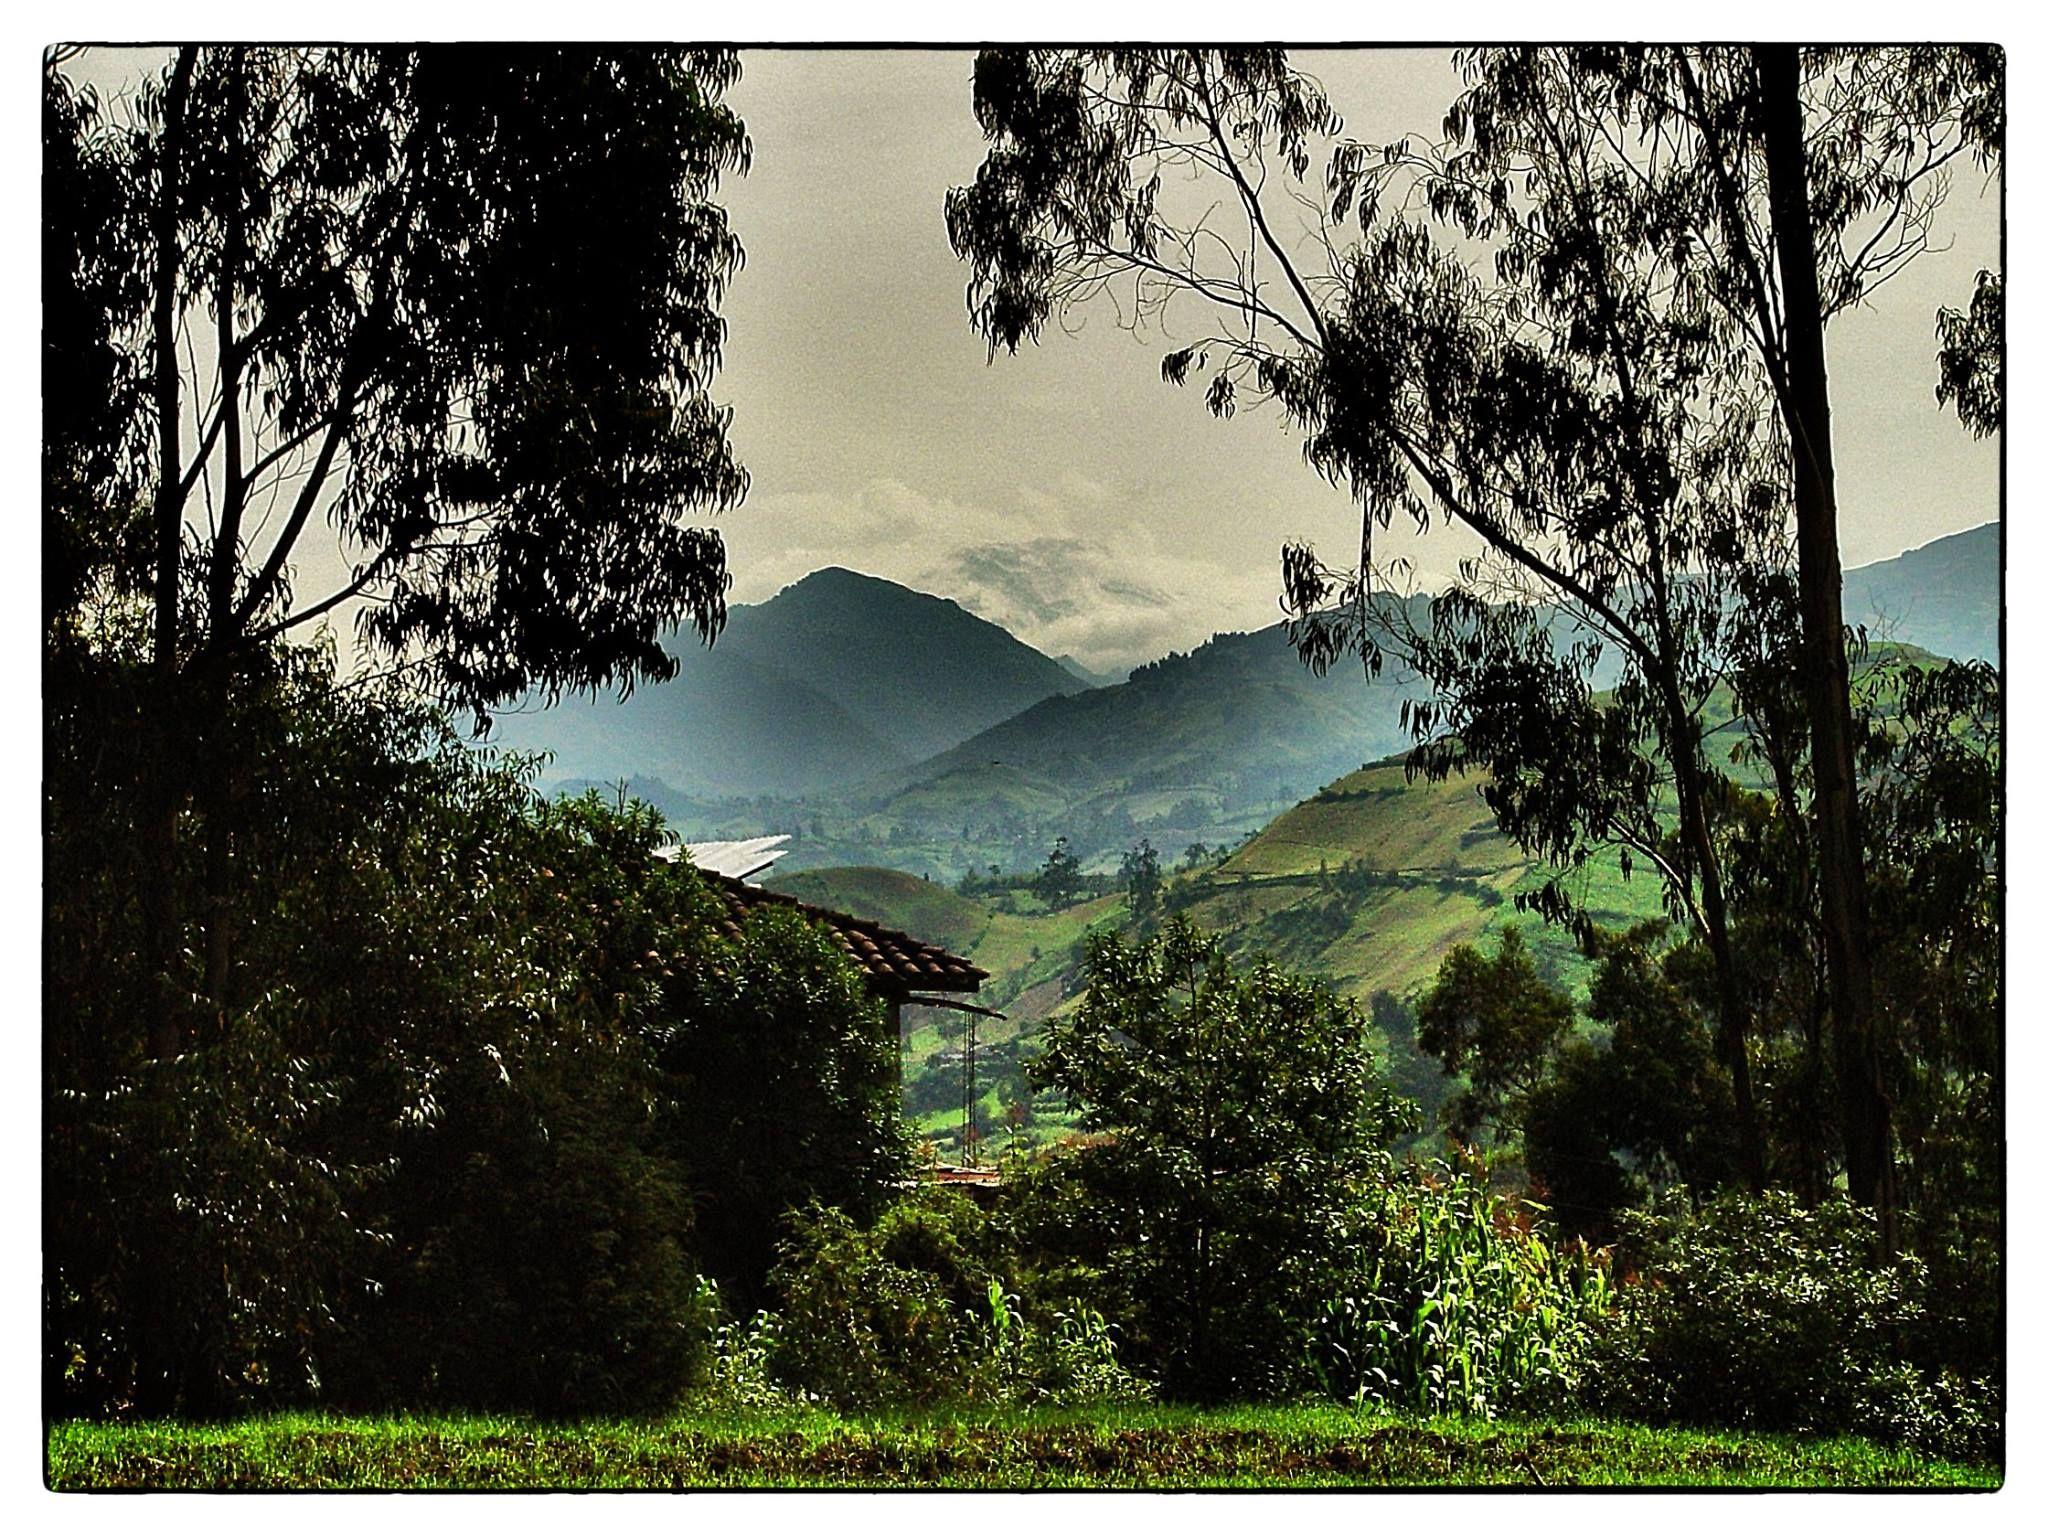 Fotografía: El coloso a la distancia. Volcán Chimborazo Autor: Jorge Enrique Gutiérrez.